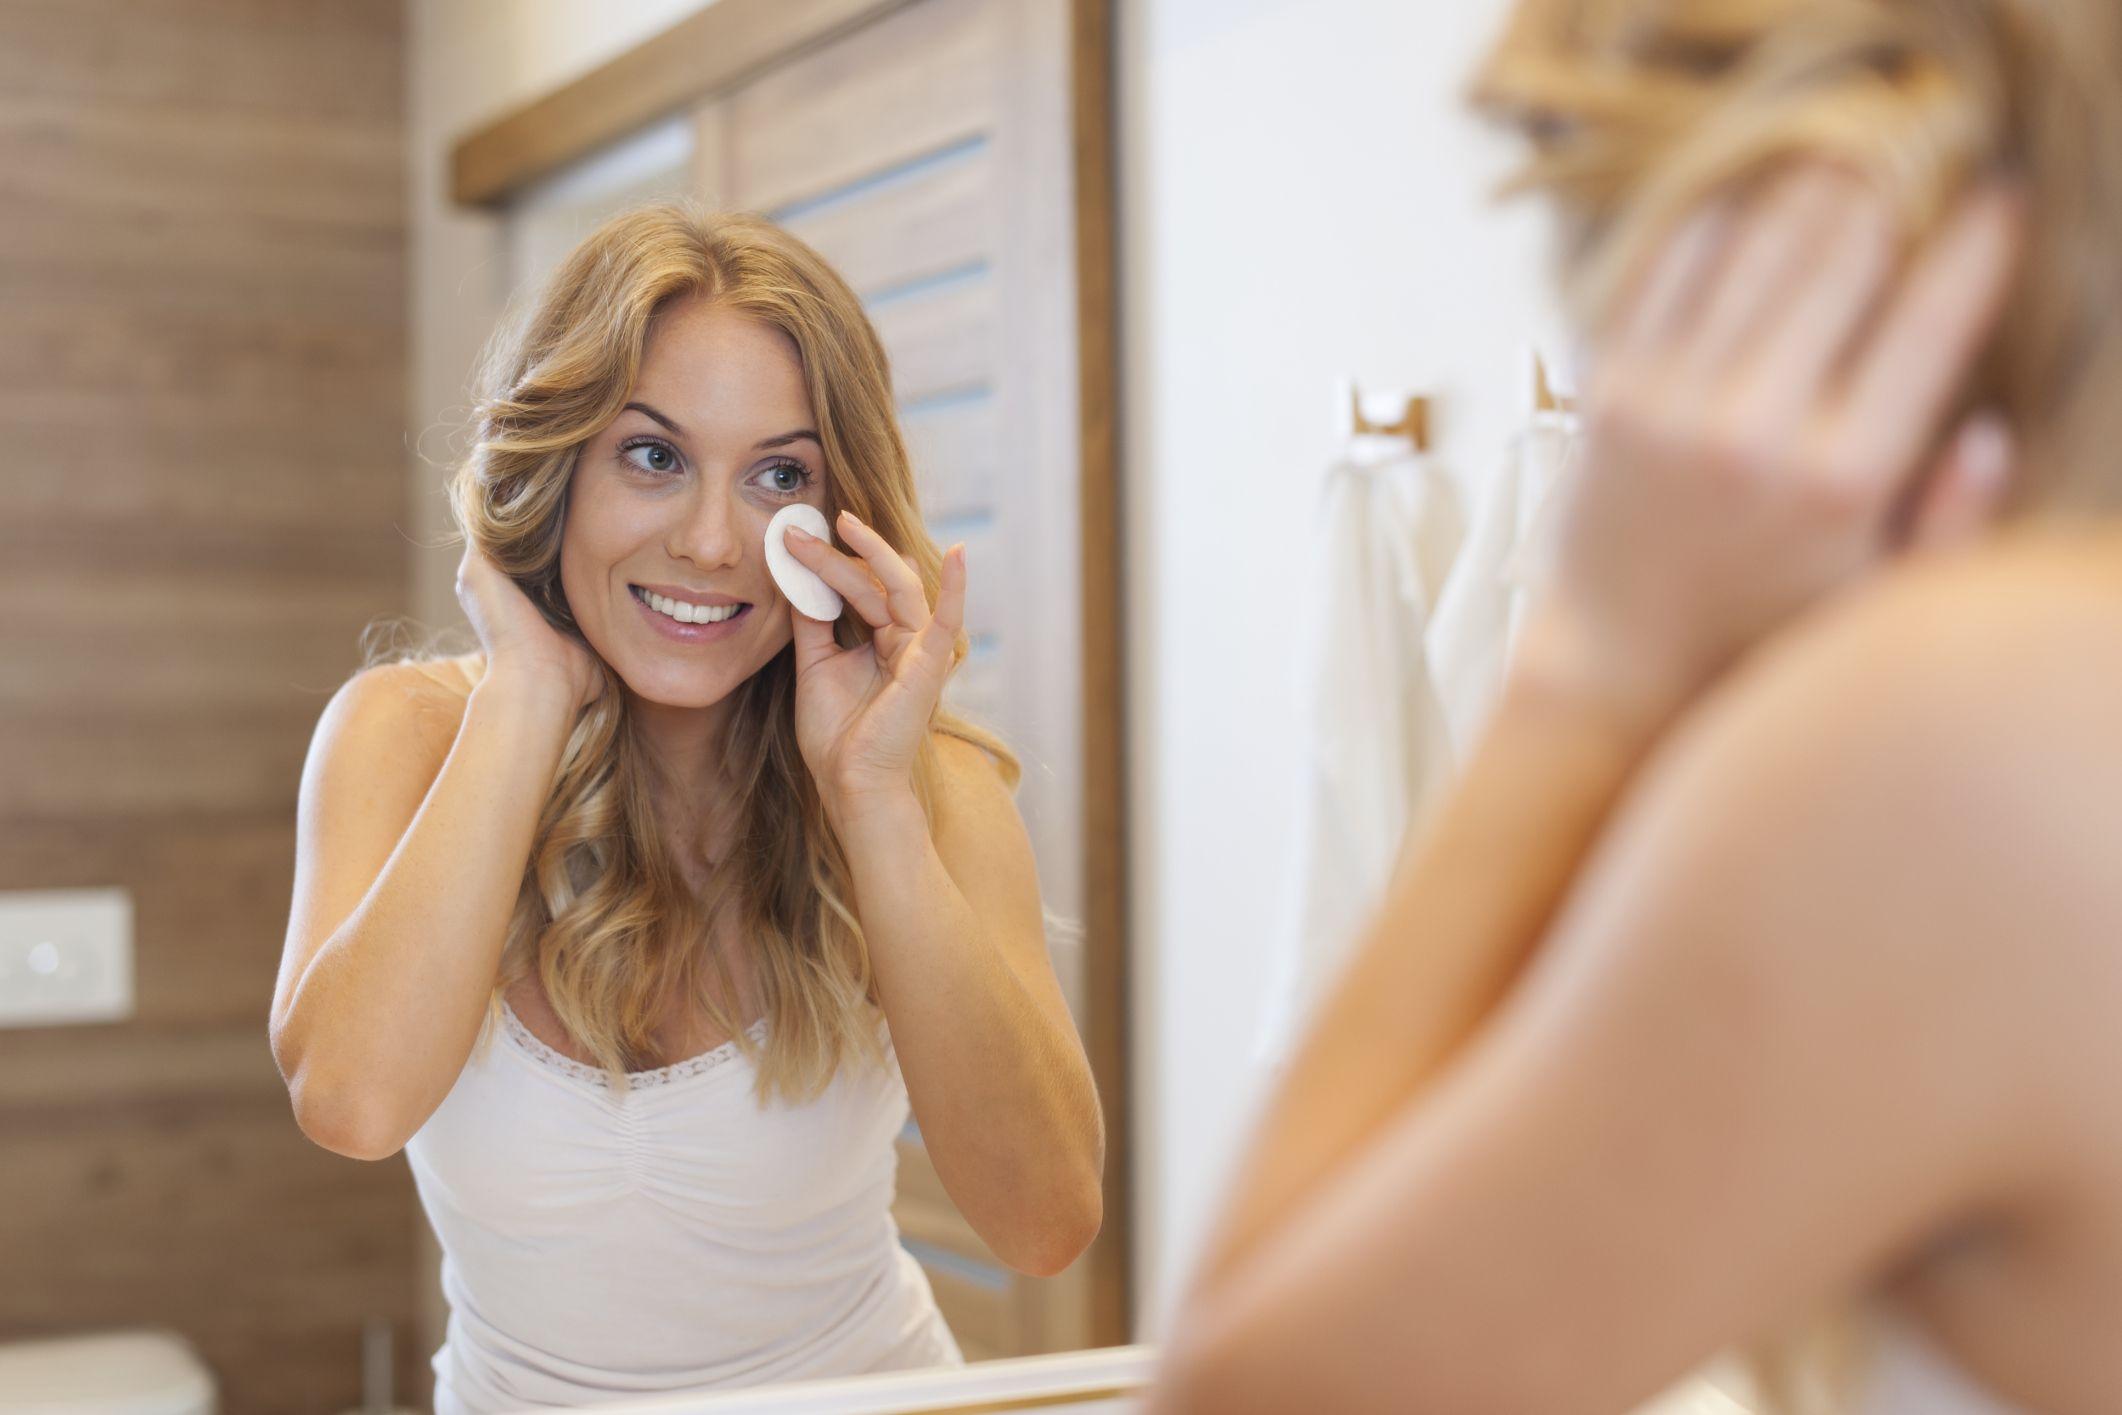 Fondotinta pelle grassa: quale usare per ottenere un risultato super matte